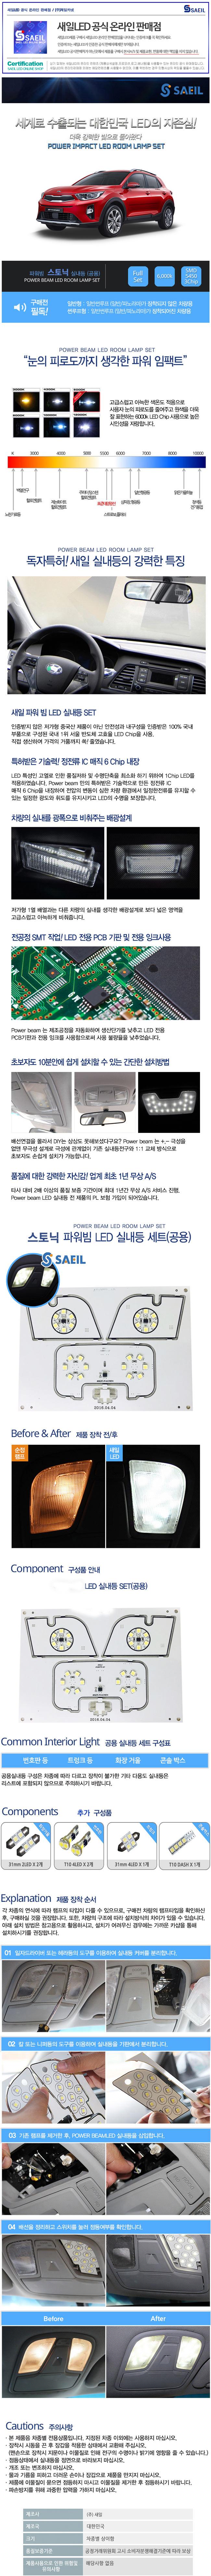 [파워임팩트] 새일 LED실내등 고급형 풀세트 _ 스토닉